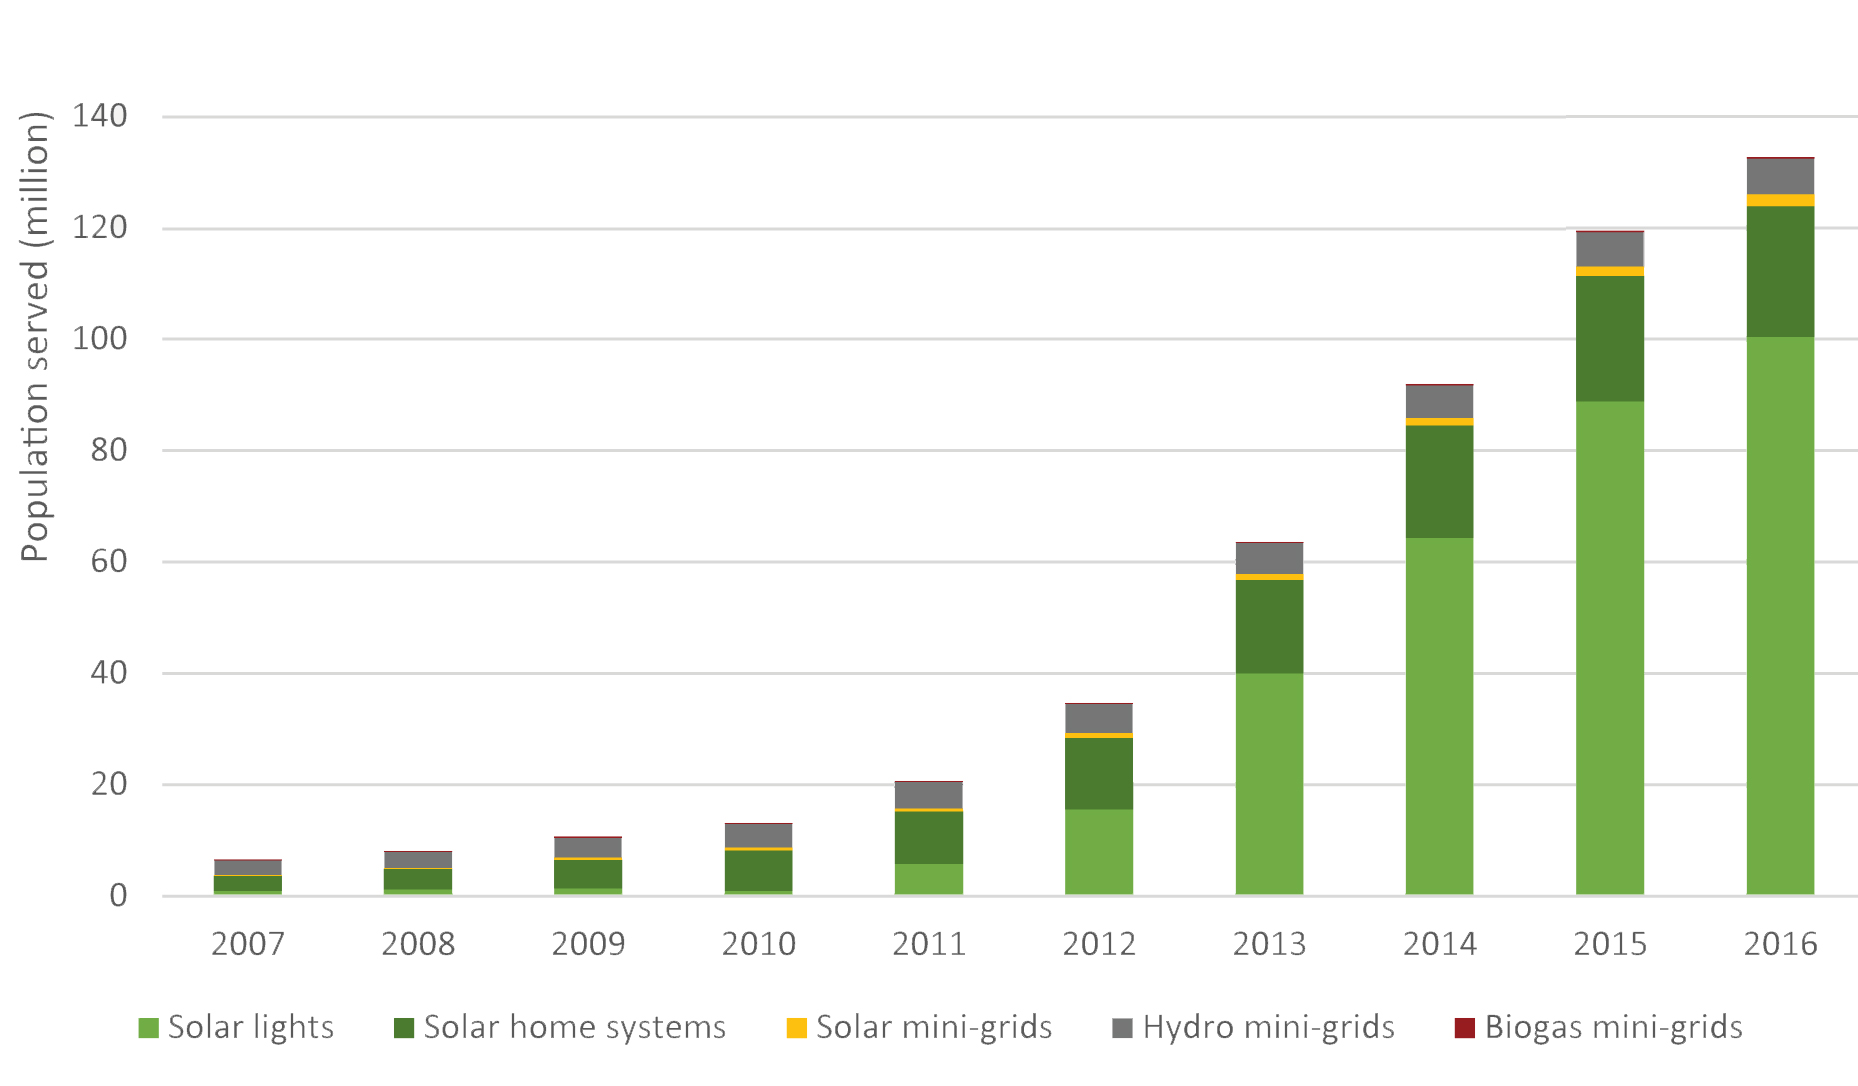 Рис. 3. Населення світу, що послуговується енергією з автономних джерел та локальних міні-мереж. Джерело: IRENA «Off-grid renewable energy solutions», 2018.